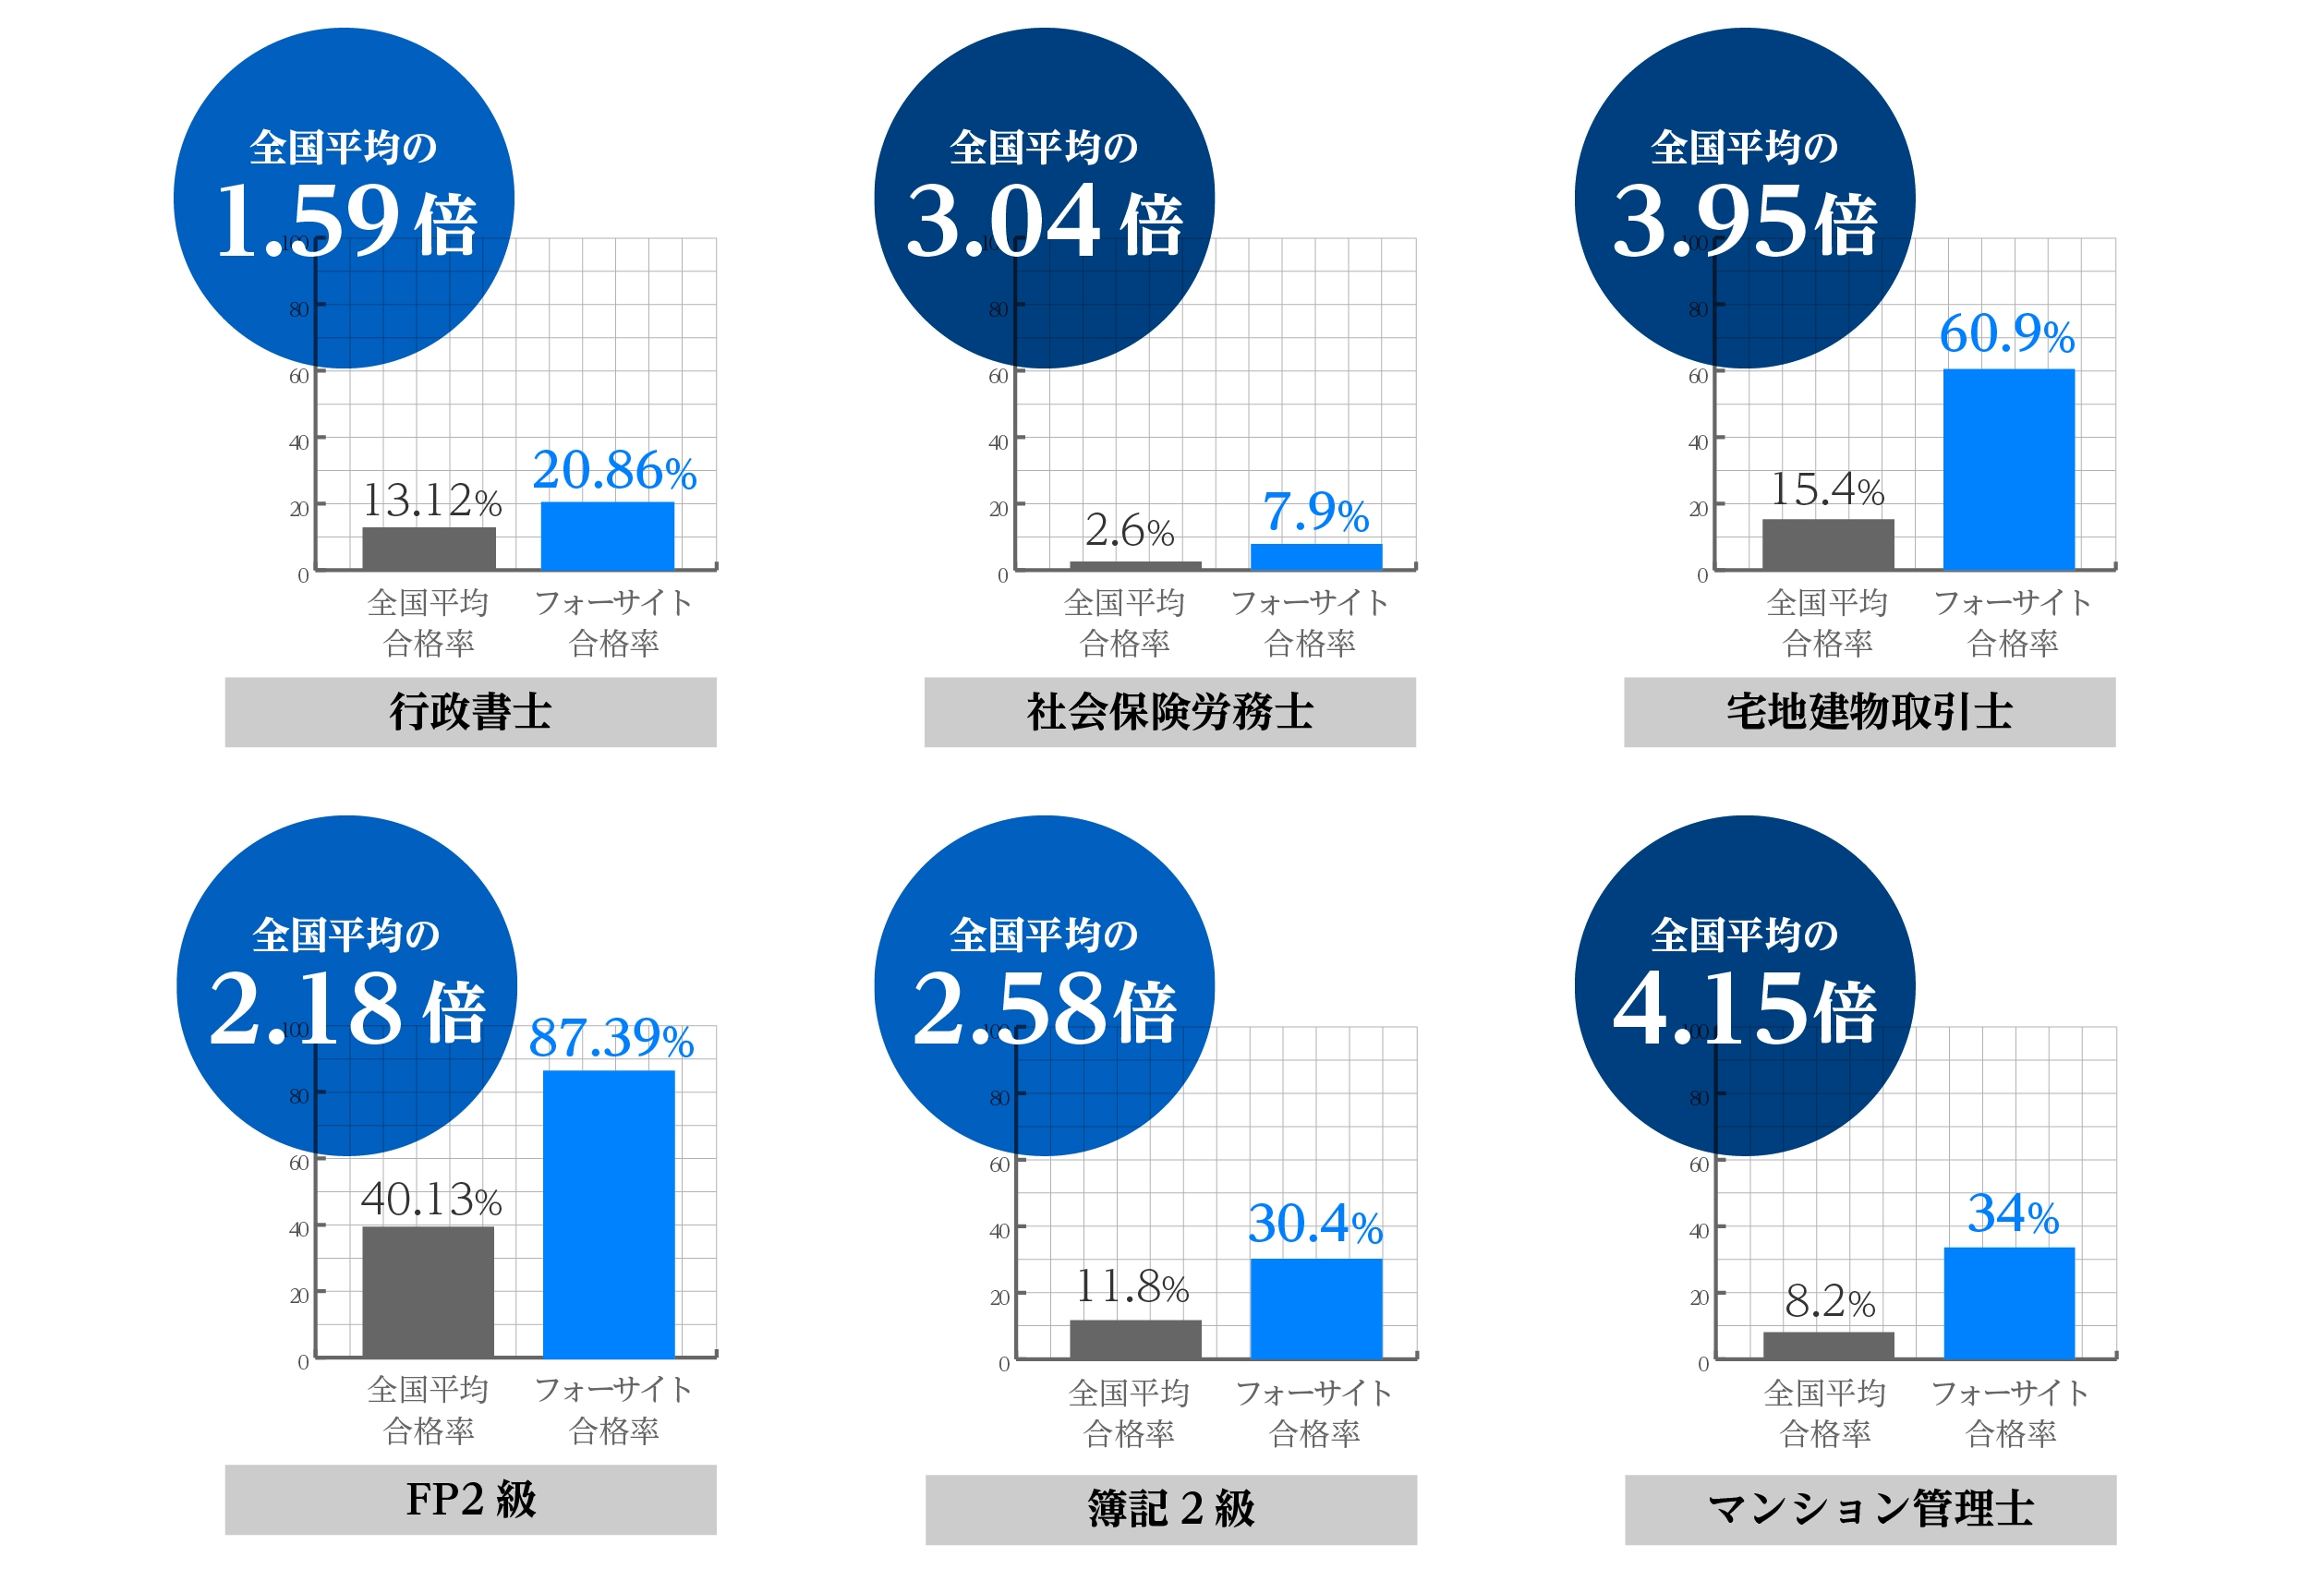 【資格ニュース】フォーサイト|通信講座の累計受講者数が15万人を突破